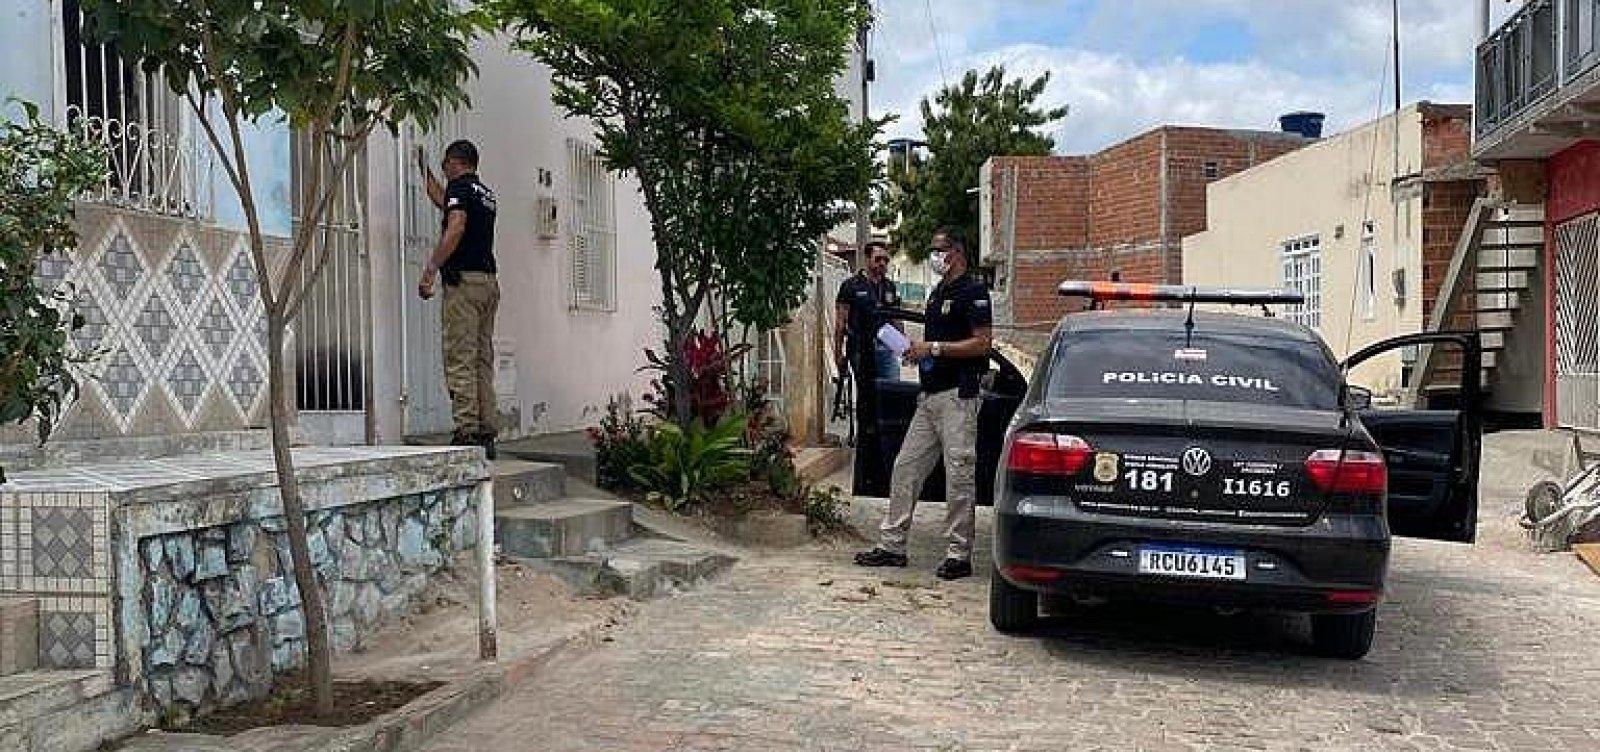 Operação policial no interior baiano prende mais sete pessoas